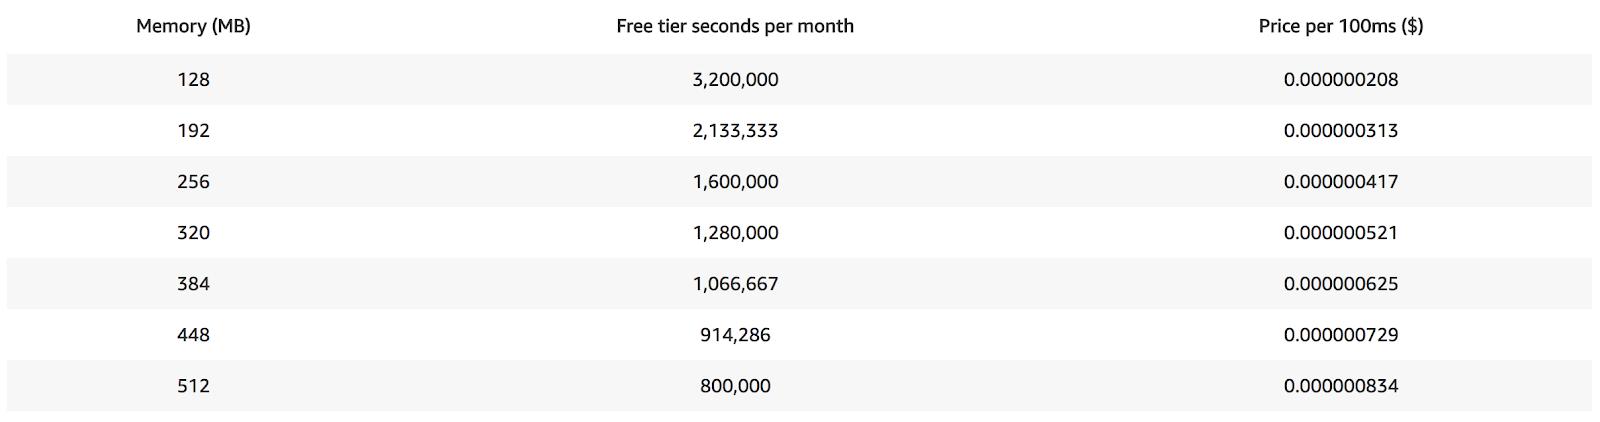 AWS Lambda Memory, free tier and price